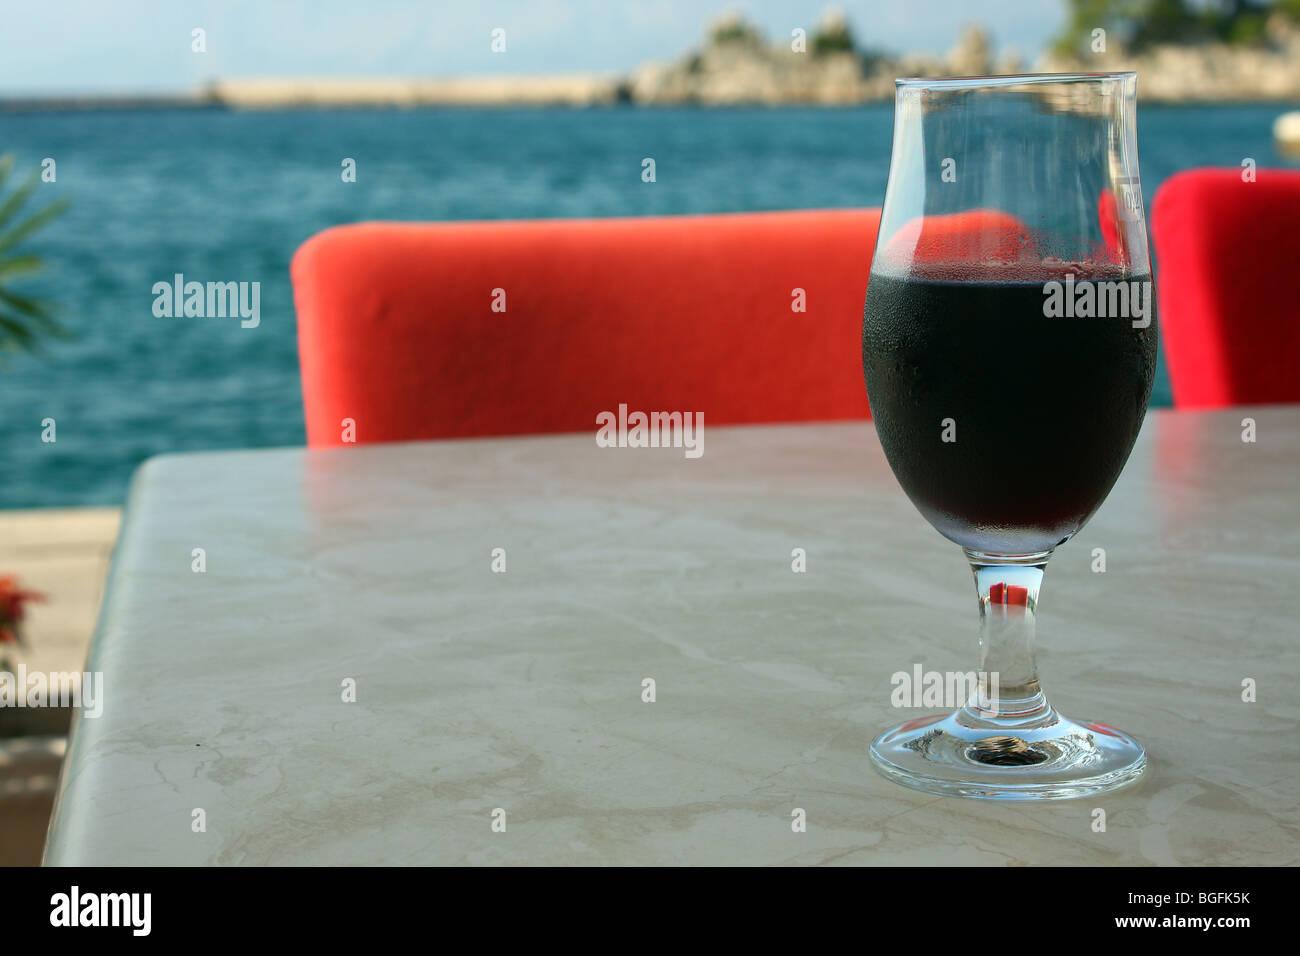 Rotwein Glas auf Tisch Stockbild